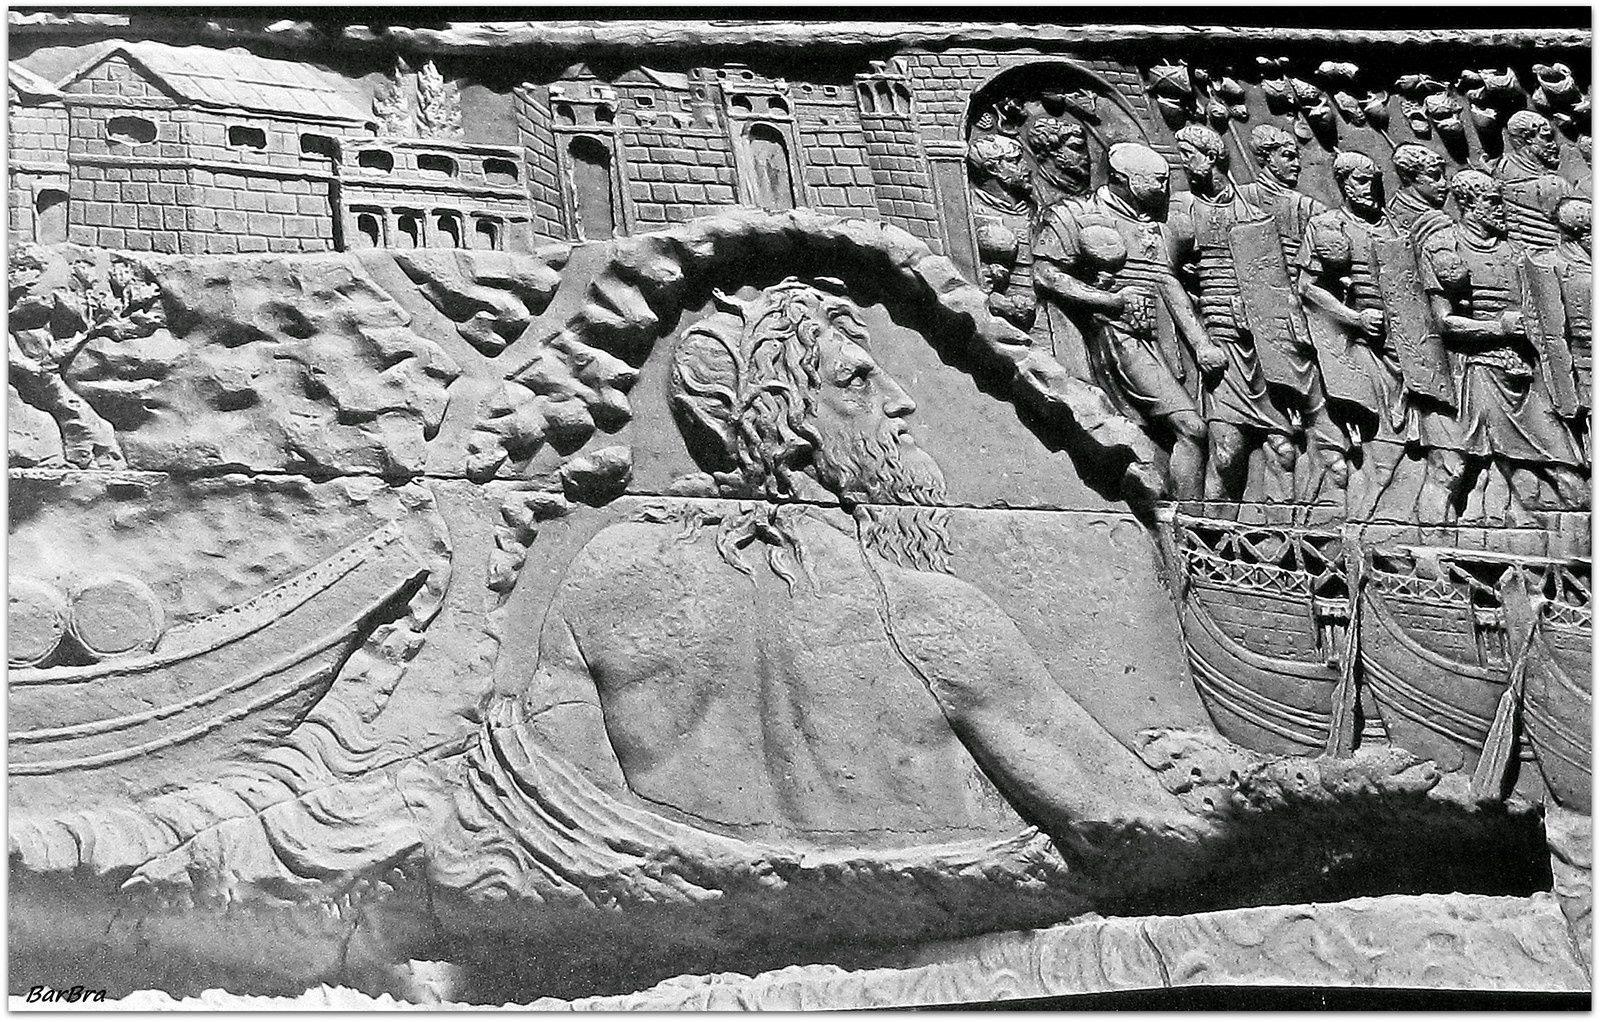 La personificazione del Danubio osserva l'esercito romano che sfila sui ponti di barche